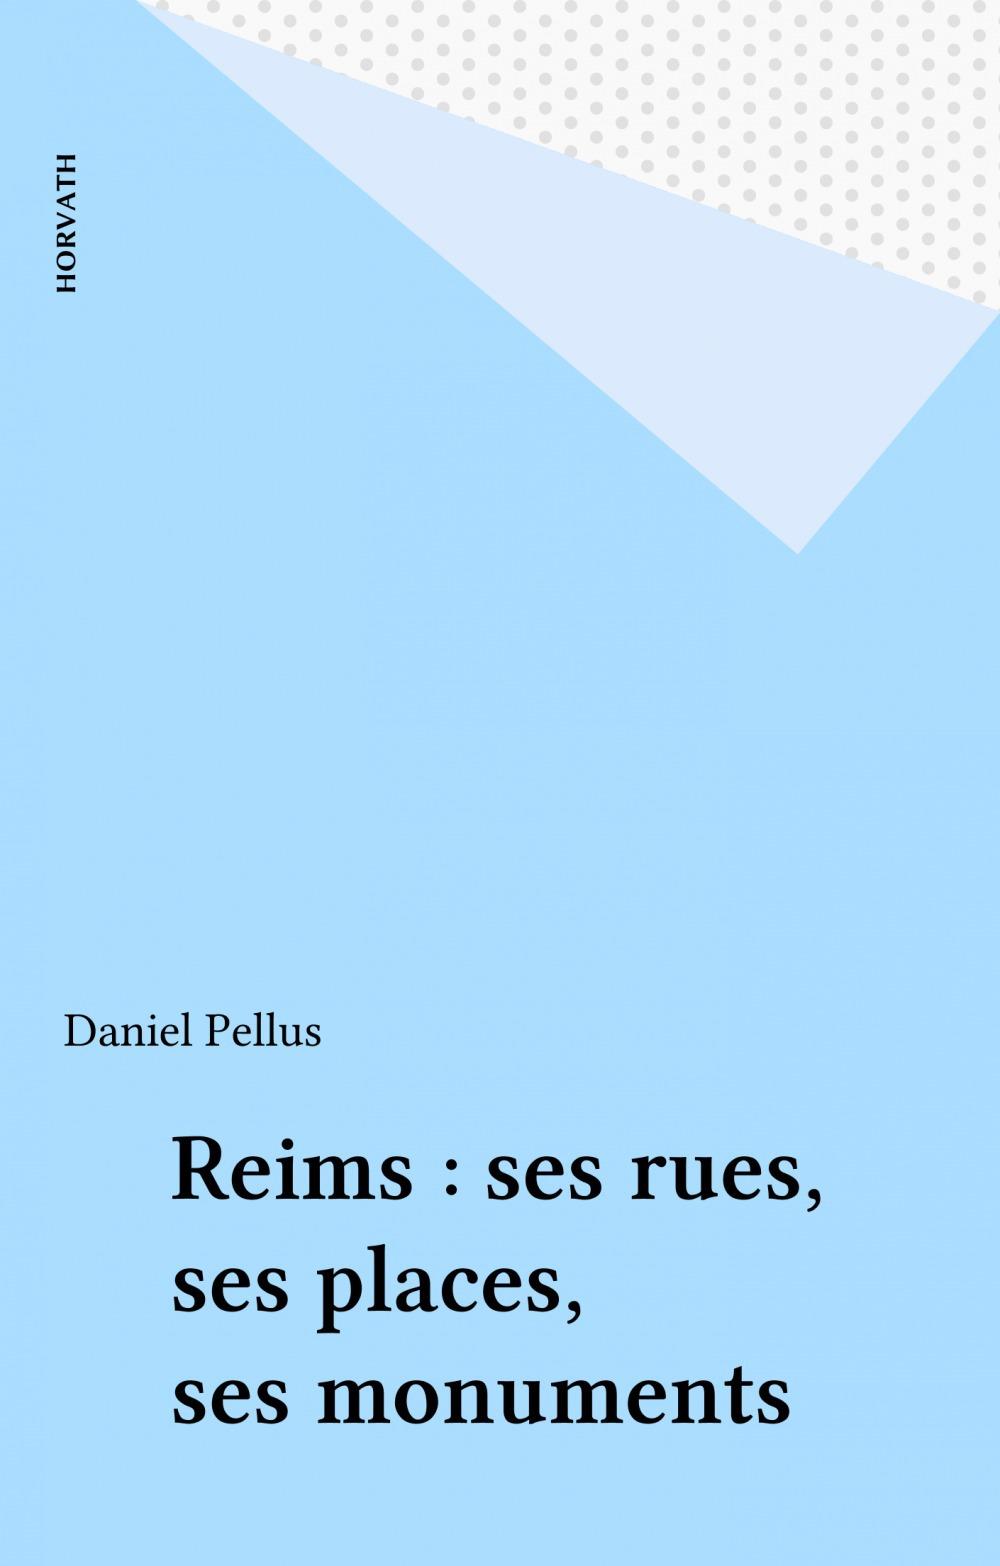 Reims : ses rues, ses places, ses monuments